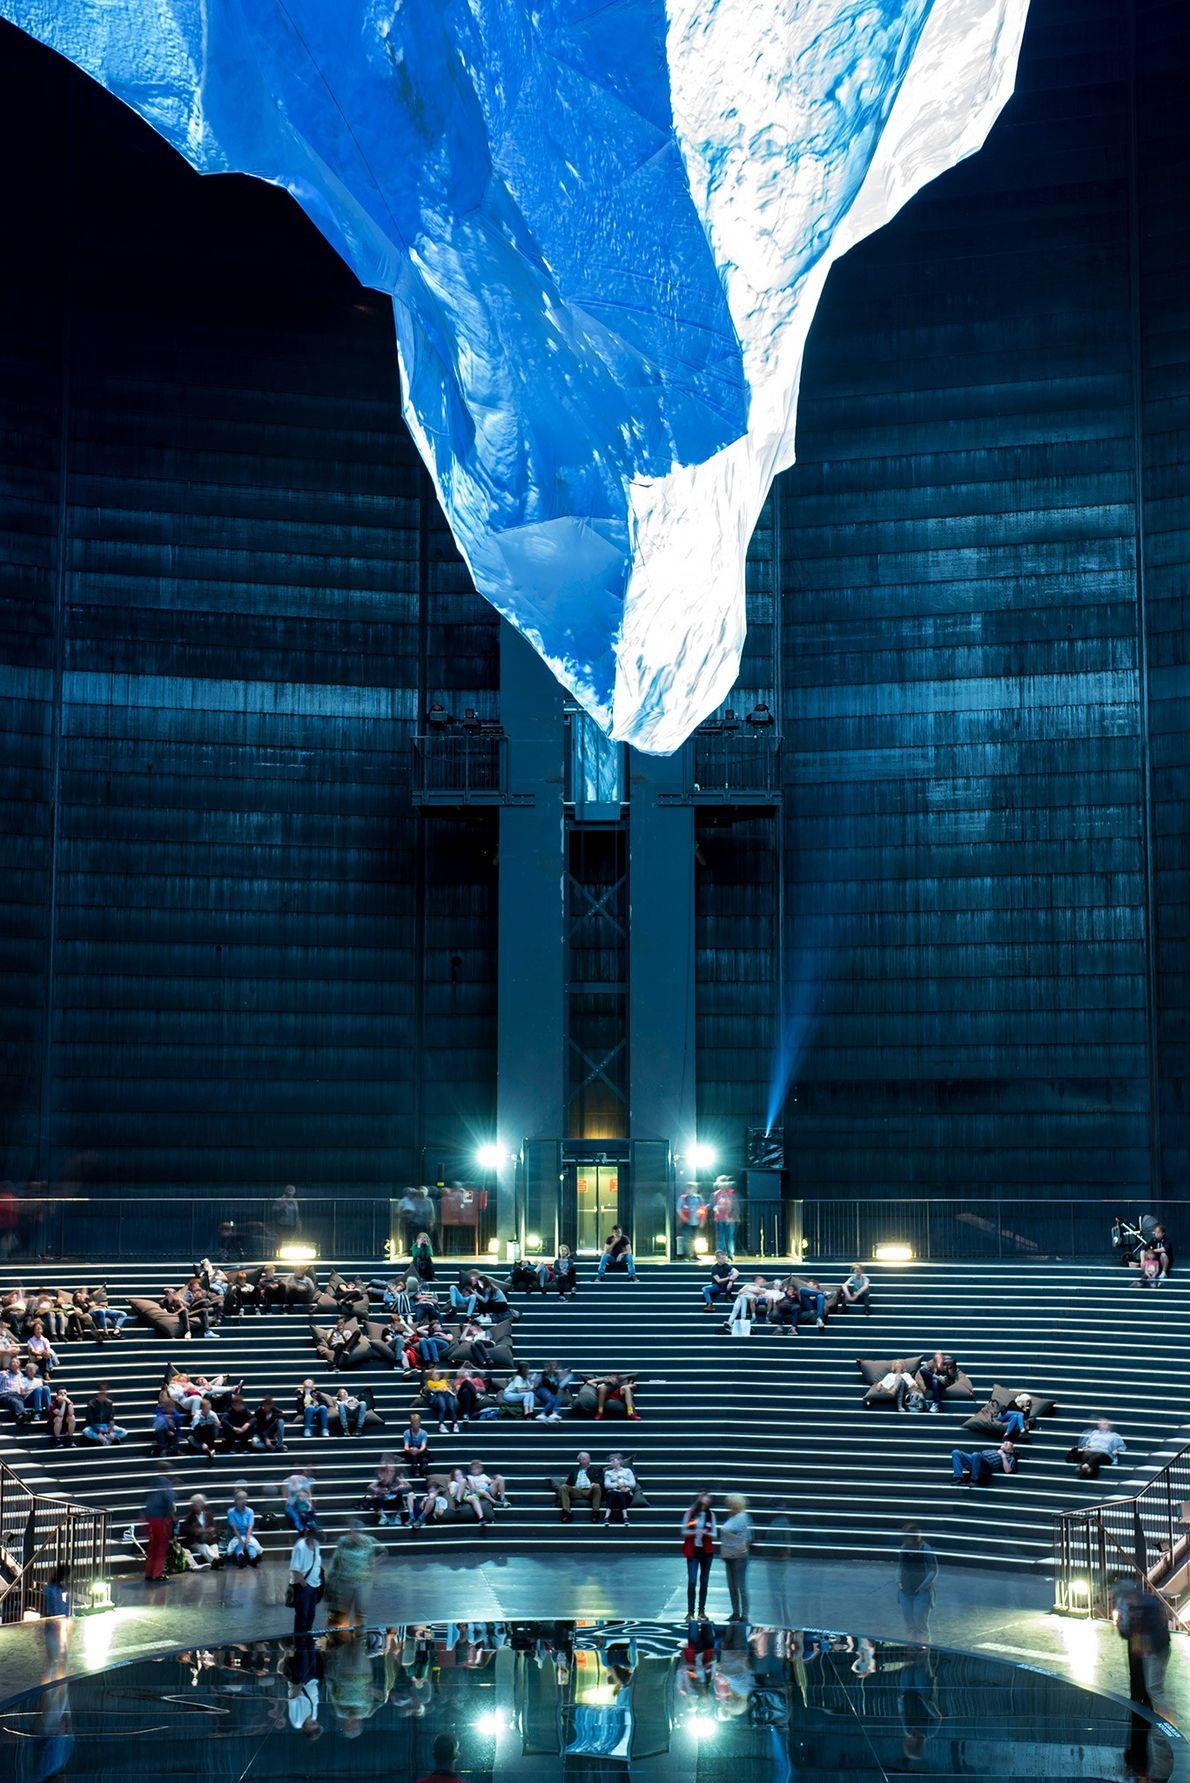 """Das Gasometer Oberhausen ist die höchste Ausstellungshalle in ganz Europa. In der Ausstellung """"Der Berg ruft"""" ..."""